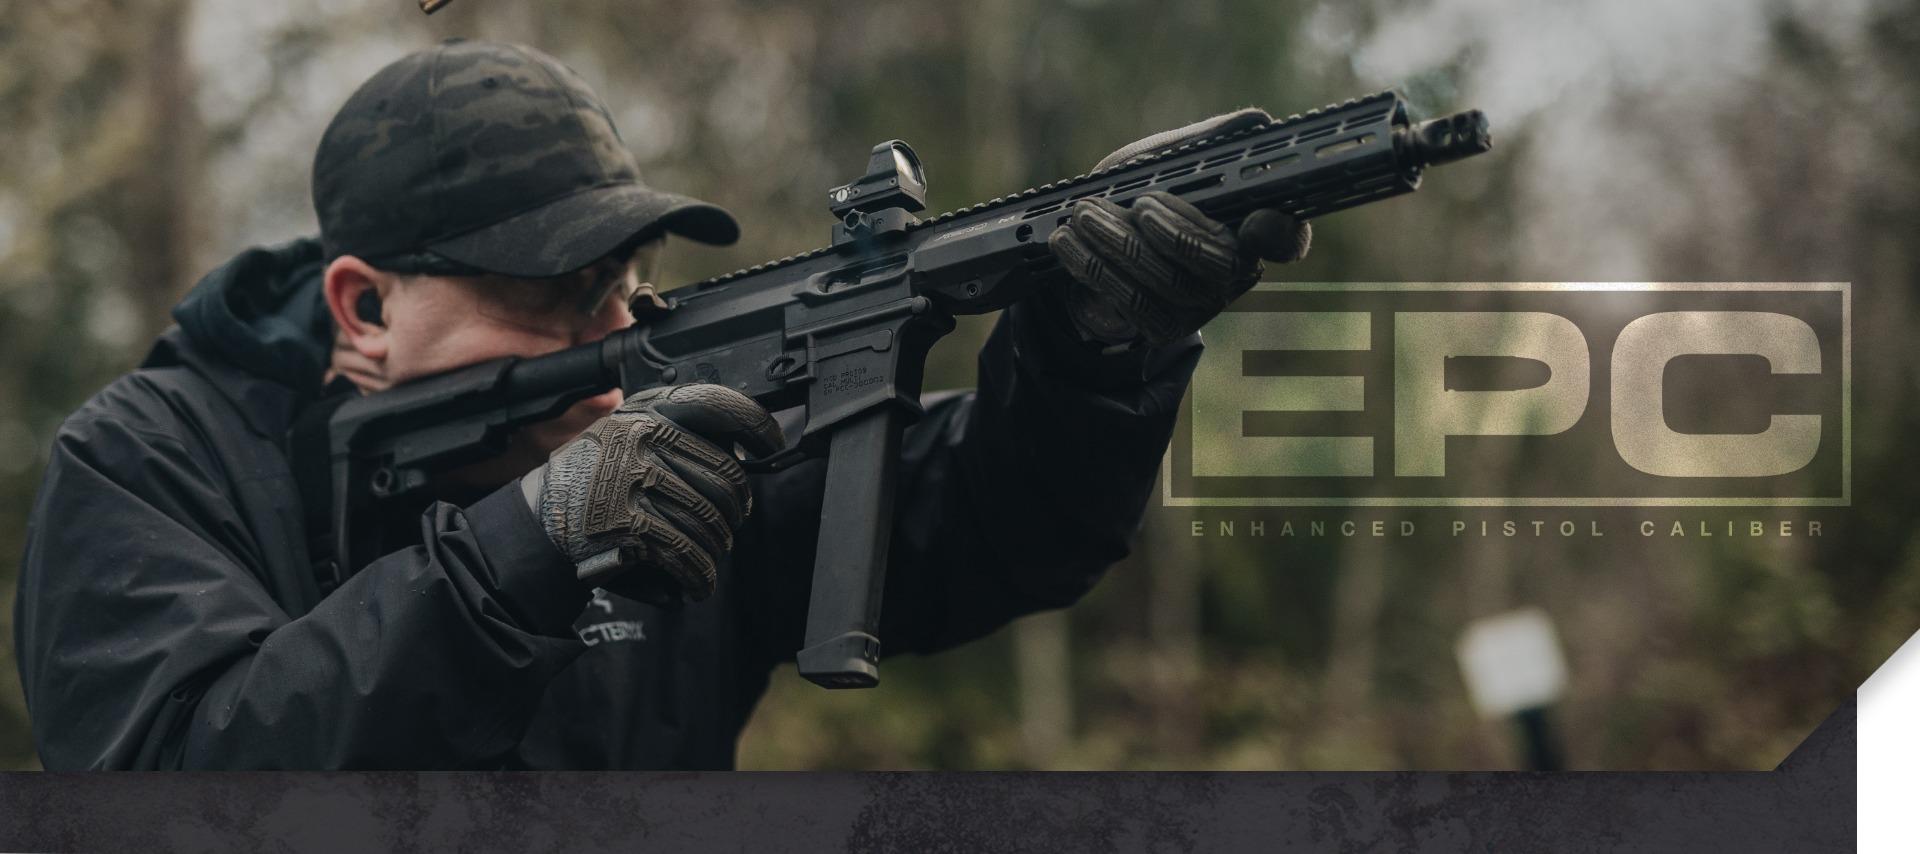 Enhanced Pistol Caliber Desktop